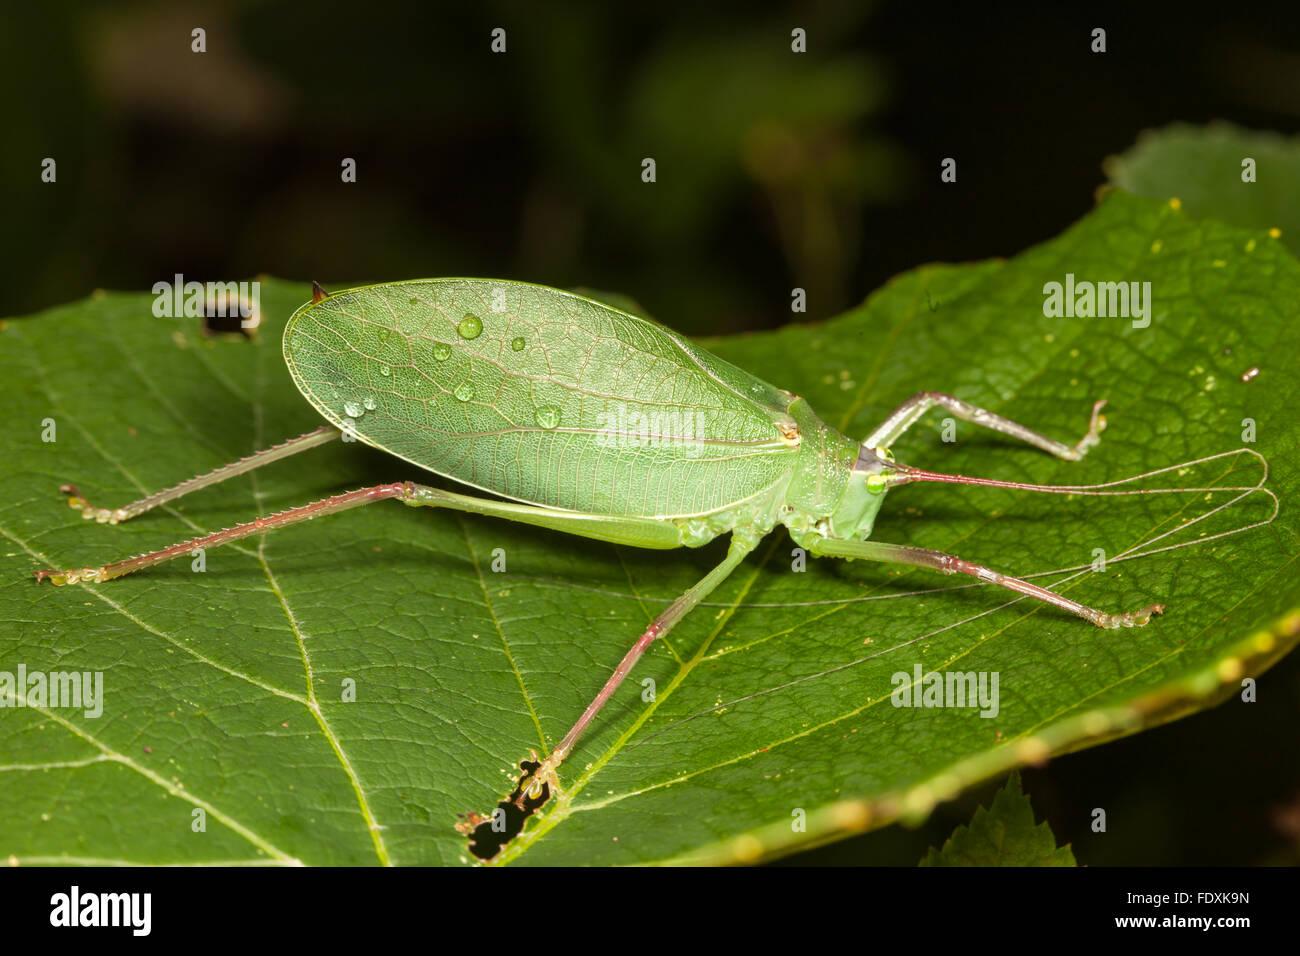 Eine weibliche gemeinsame wahre Grashuepfer (Pterophylla Camellifolia) sitzt auf einem wilden Trauben Pflanzenblattes. Stockbild